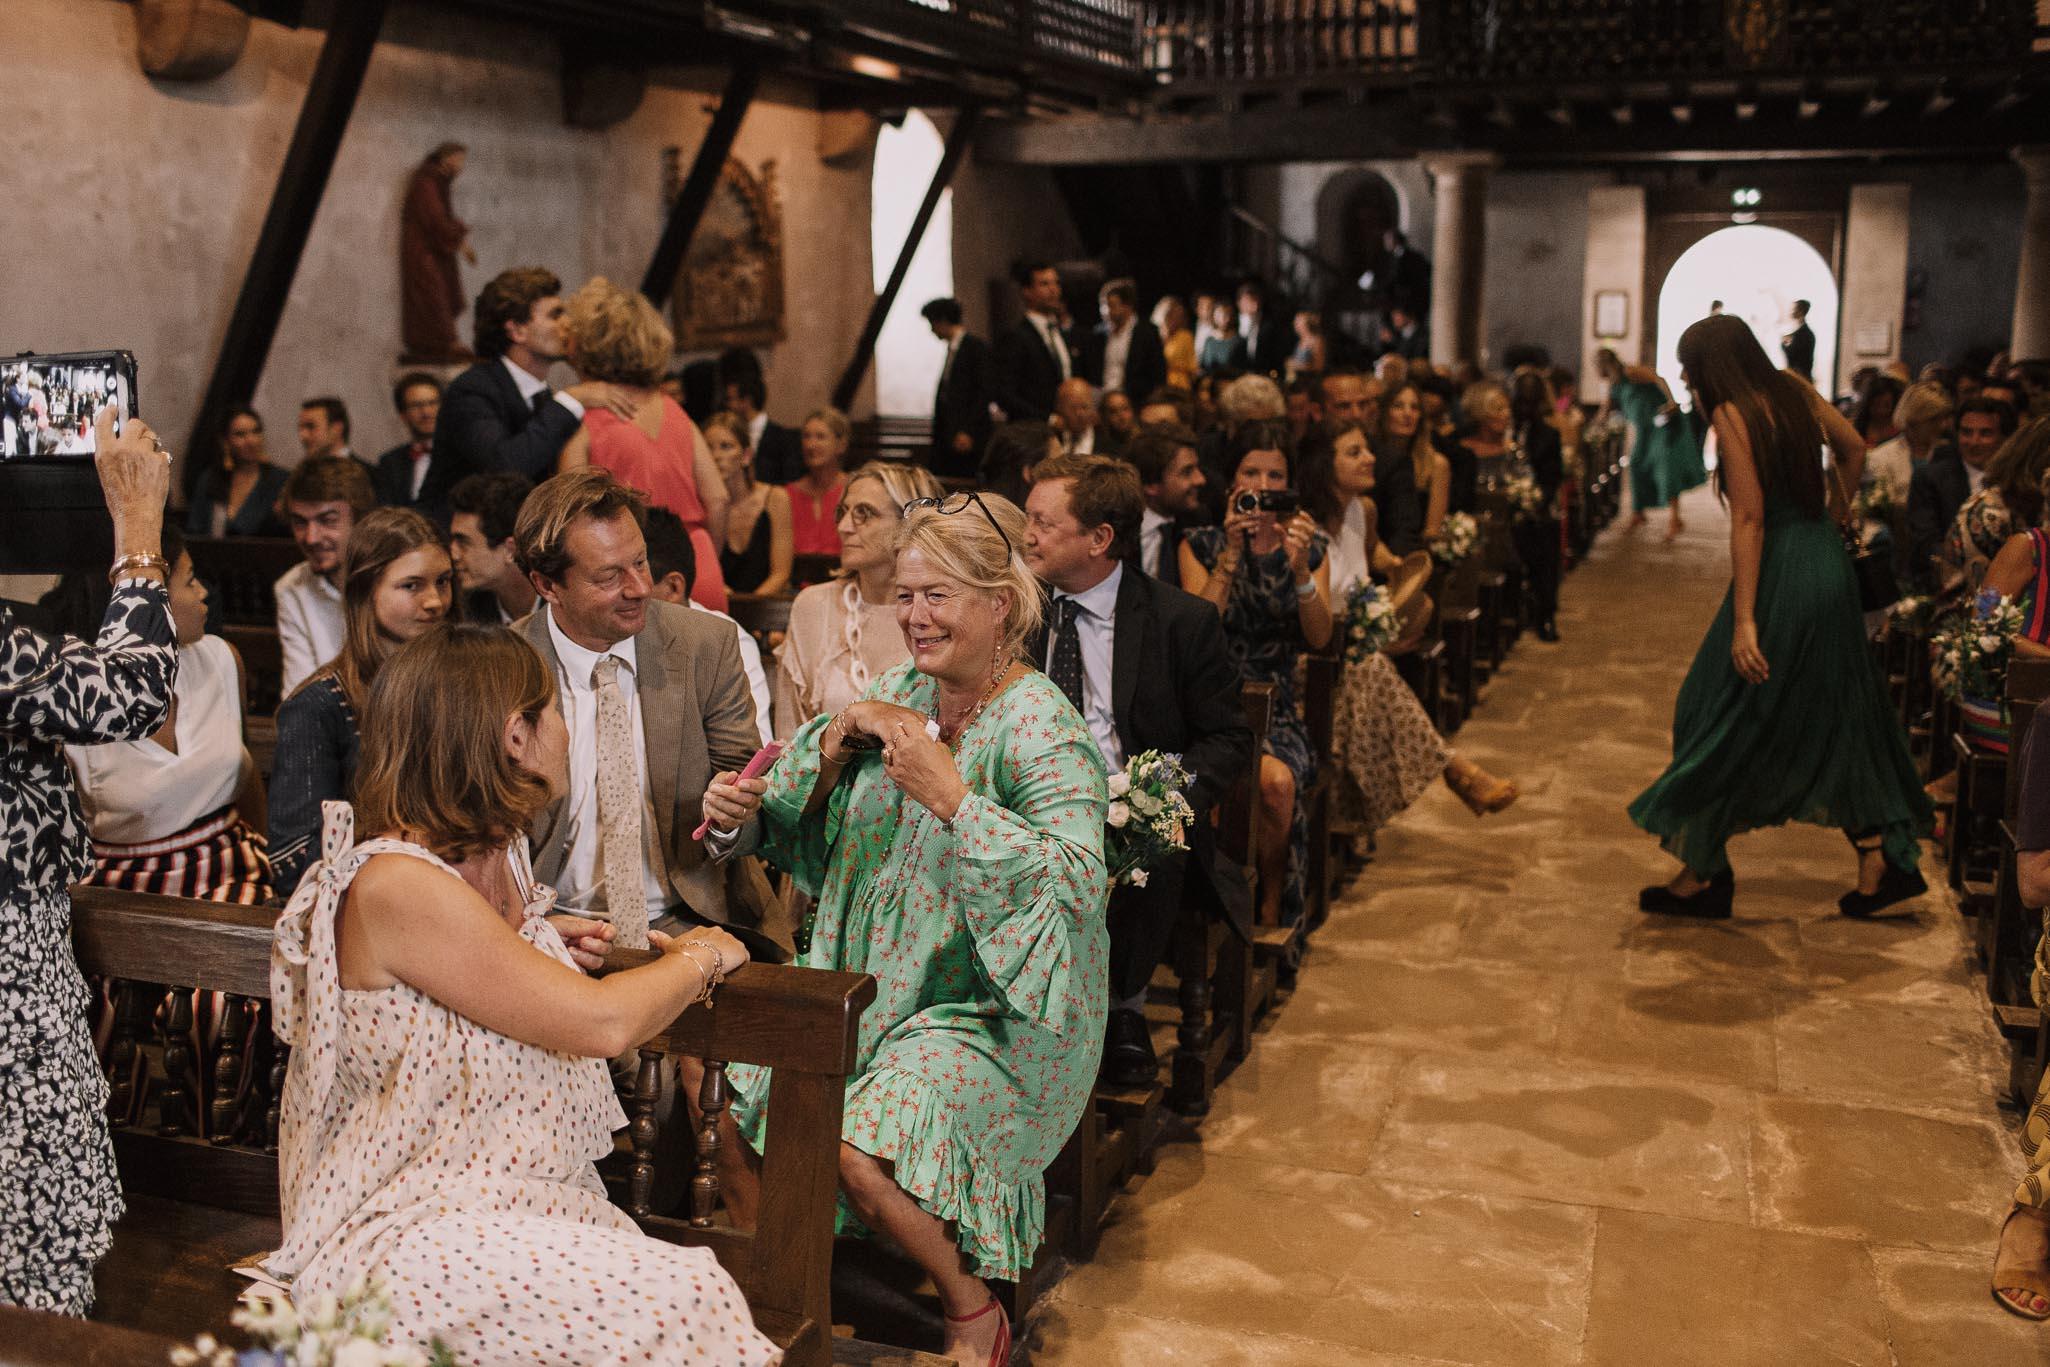 Photographe-mariage-bordeaux-jeremy-boyer-pays-basque-ihartze-artea-sare-robe-eleonore-pauc-couple-amour-53.jpg